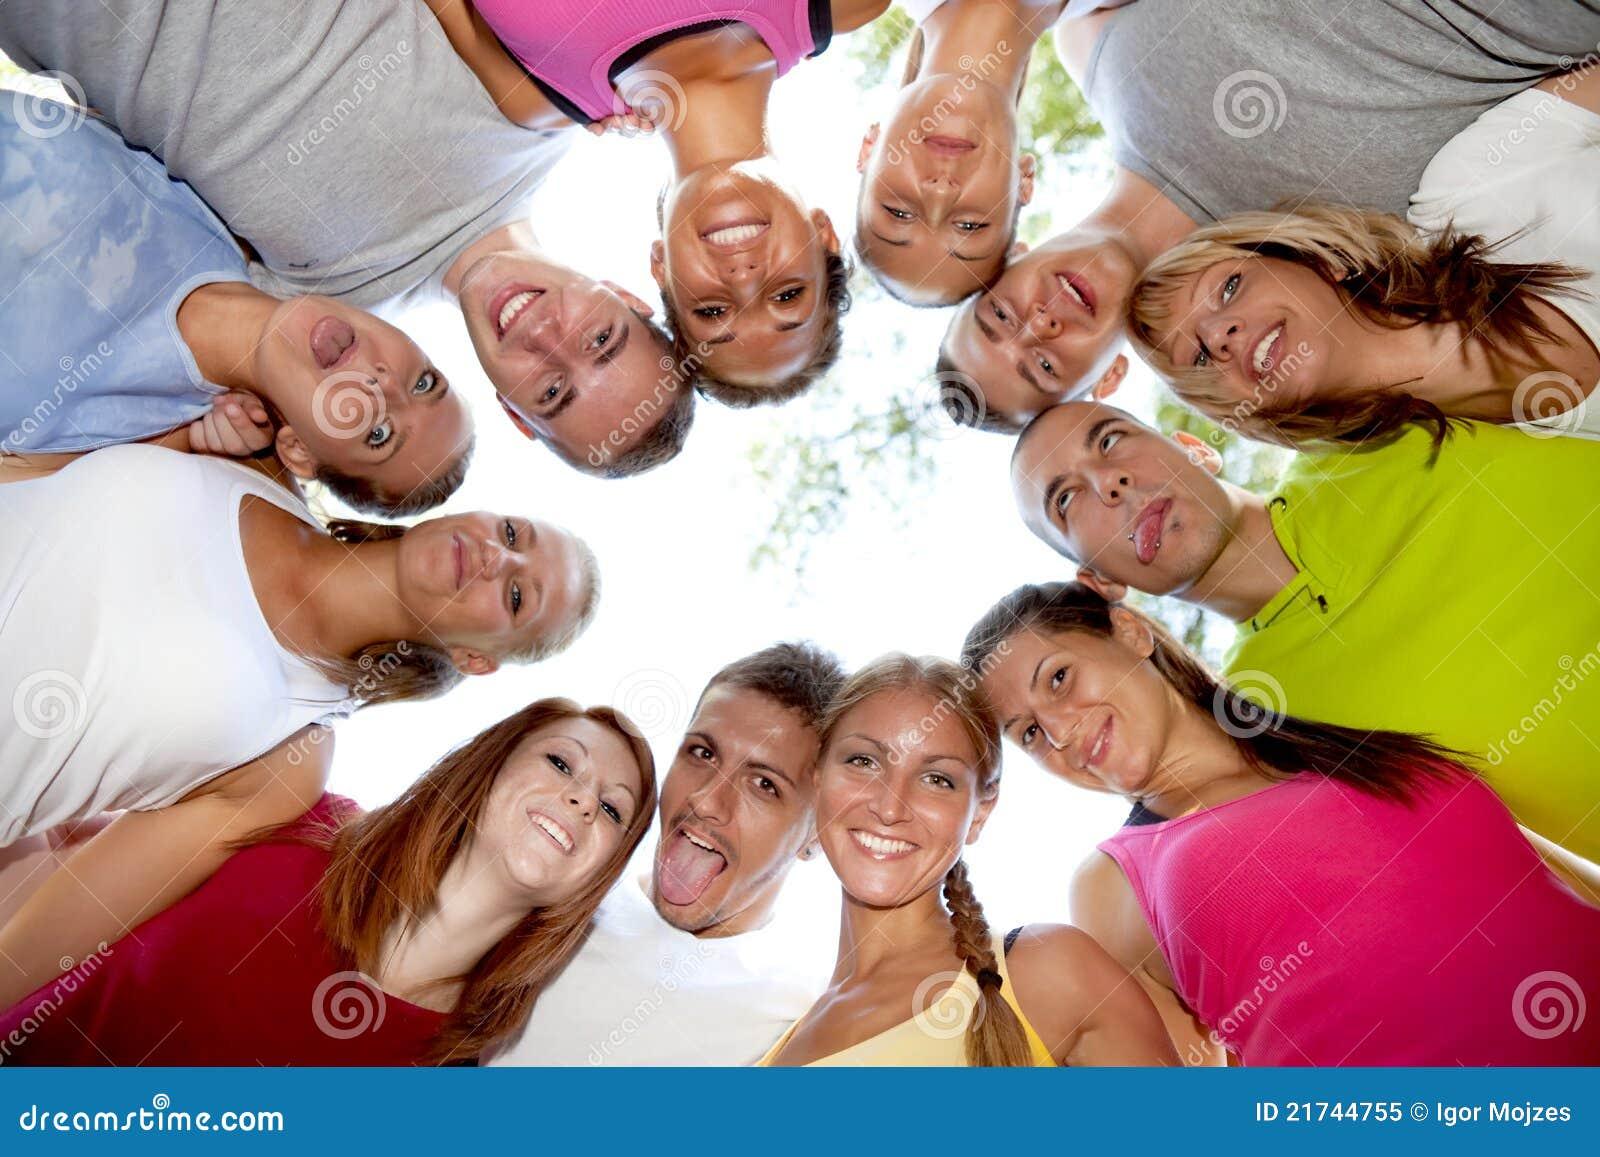 Ευτυχής ομάδα φίλων που αγκαλιάζουν και που χαμογελούν